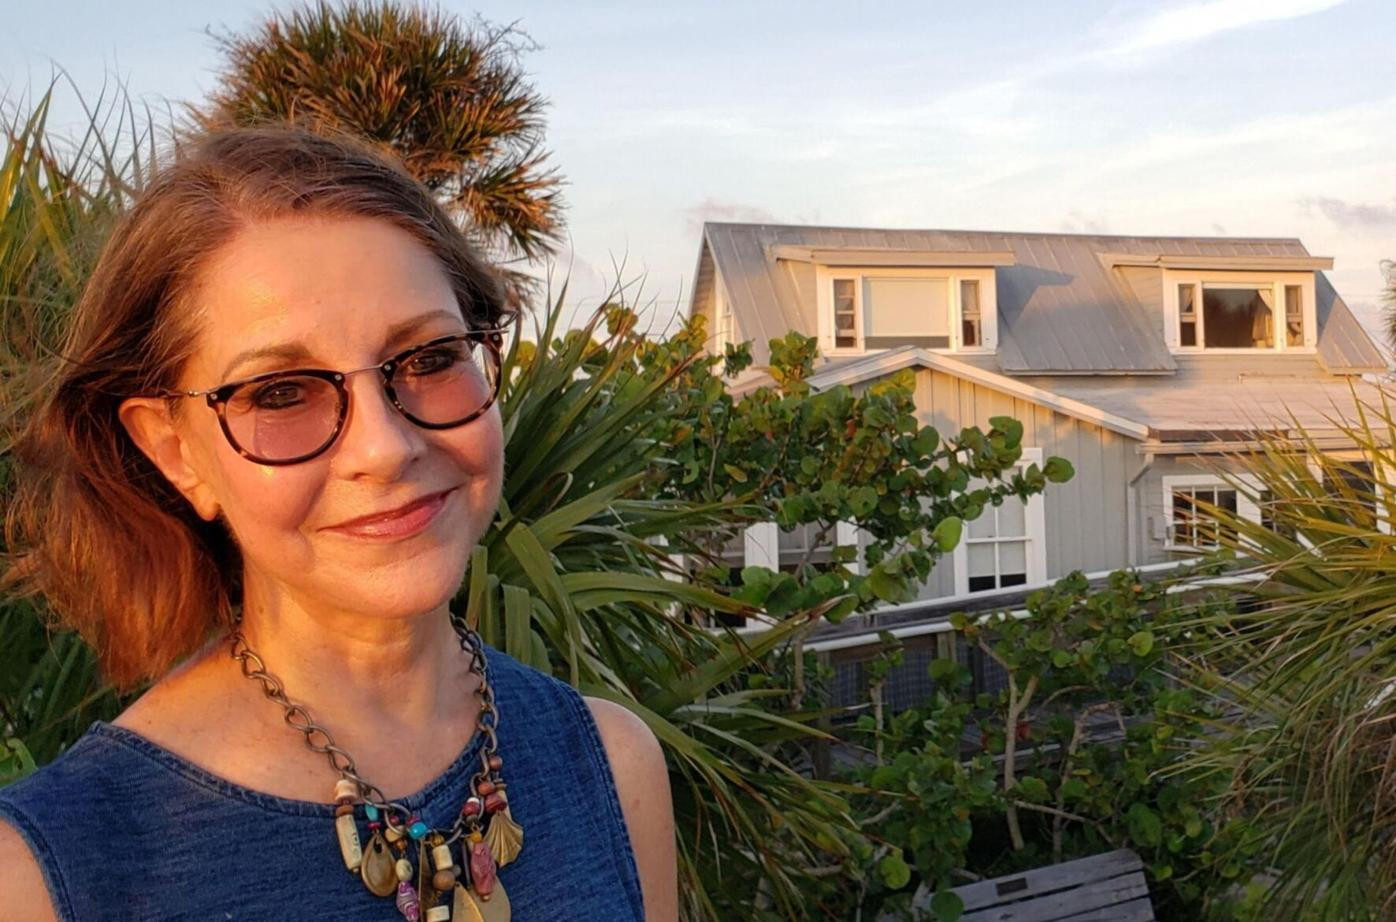 Hermitage founder retires